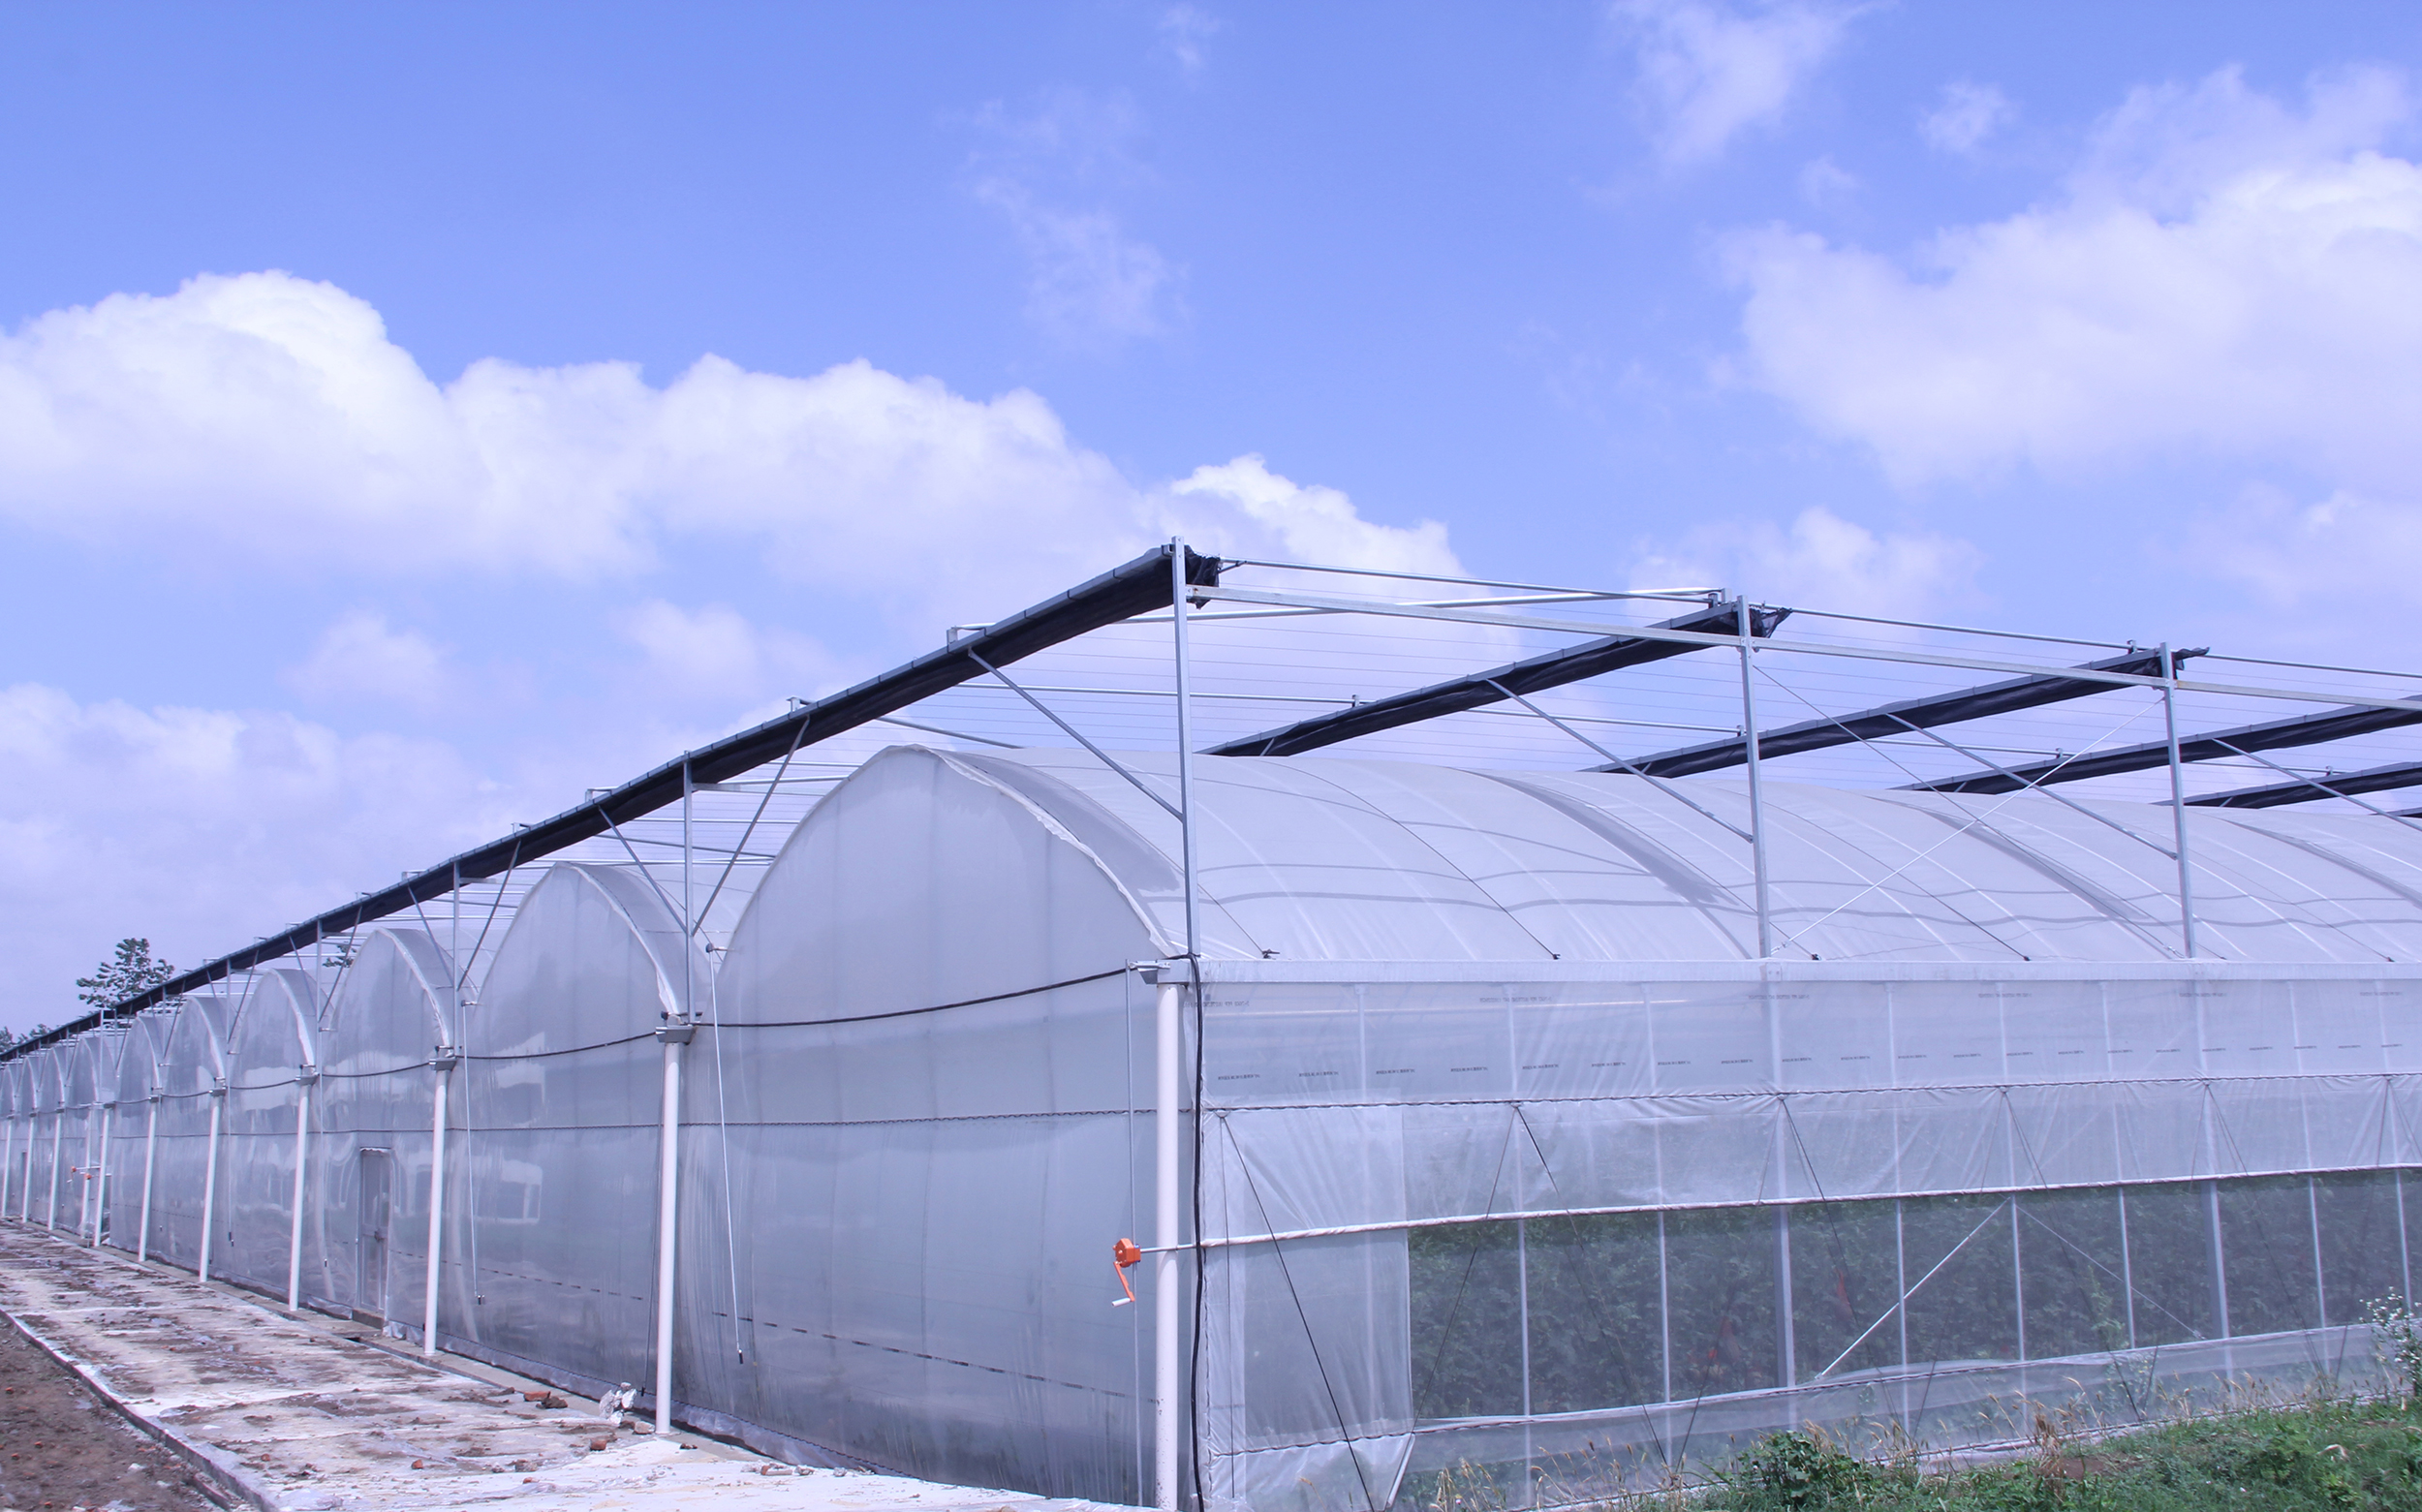 温室大棚膜_连栋温室大棚方案介绍|大棚膜工程解决方案-雷马塑料-散光膜